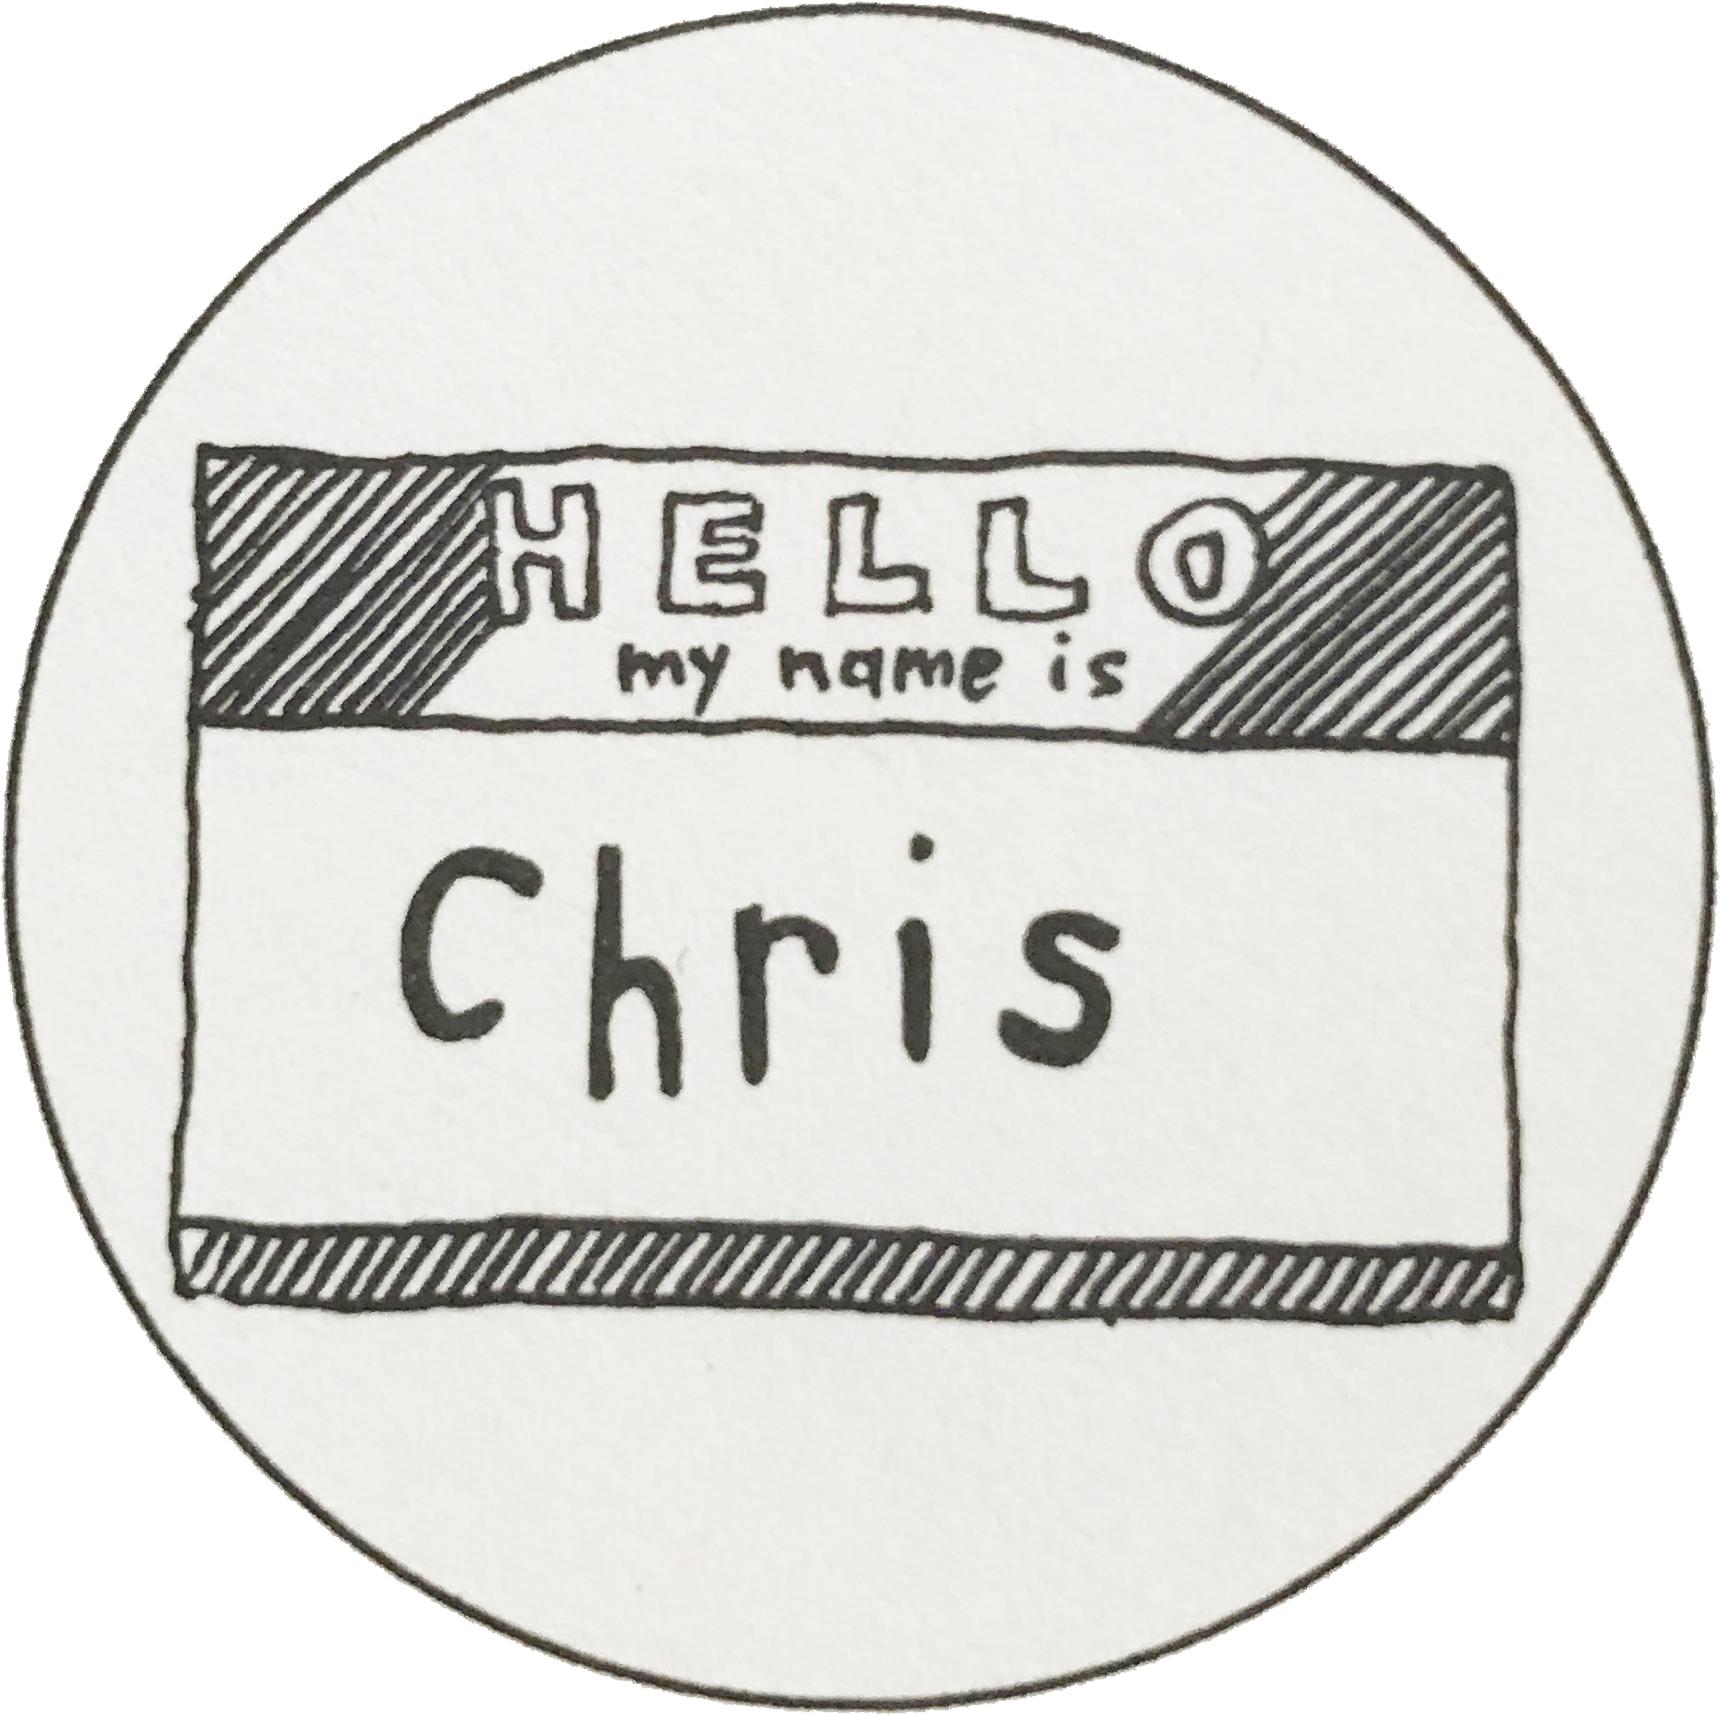 Chris not Christina